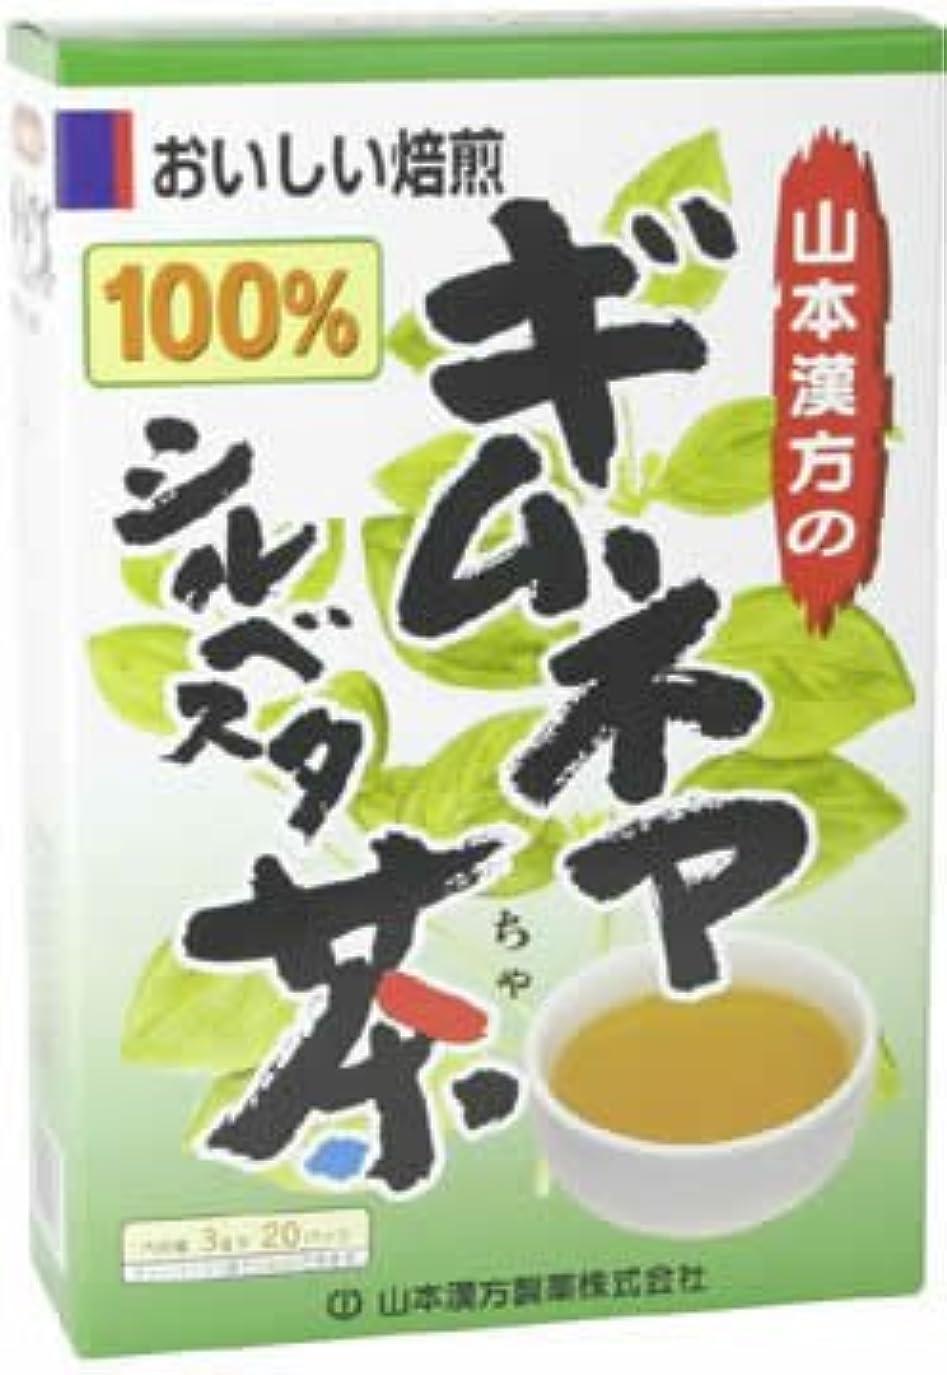 上向き効果的にそれにもかかわらず山本漢方製薬 ギムネマシルベスタ茶100% 3gX20H